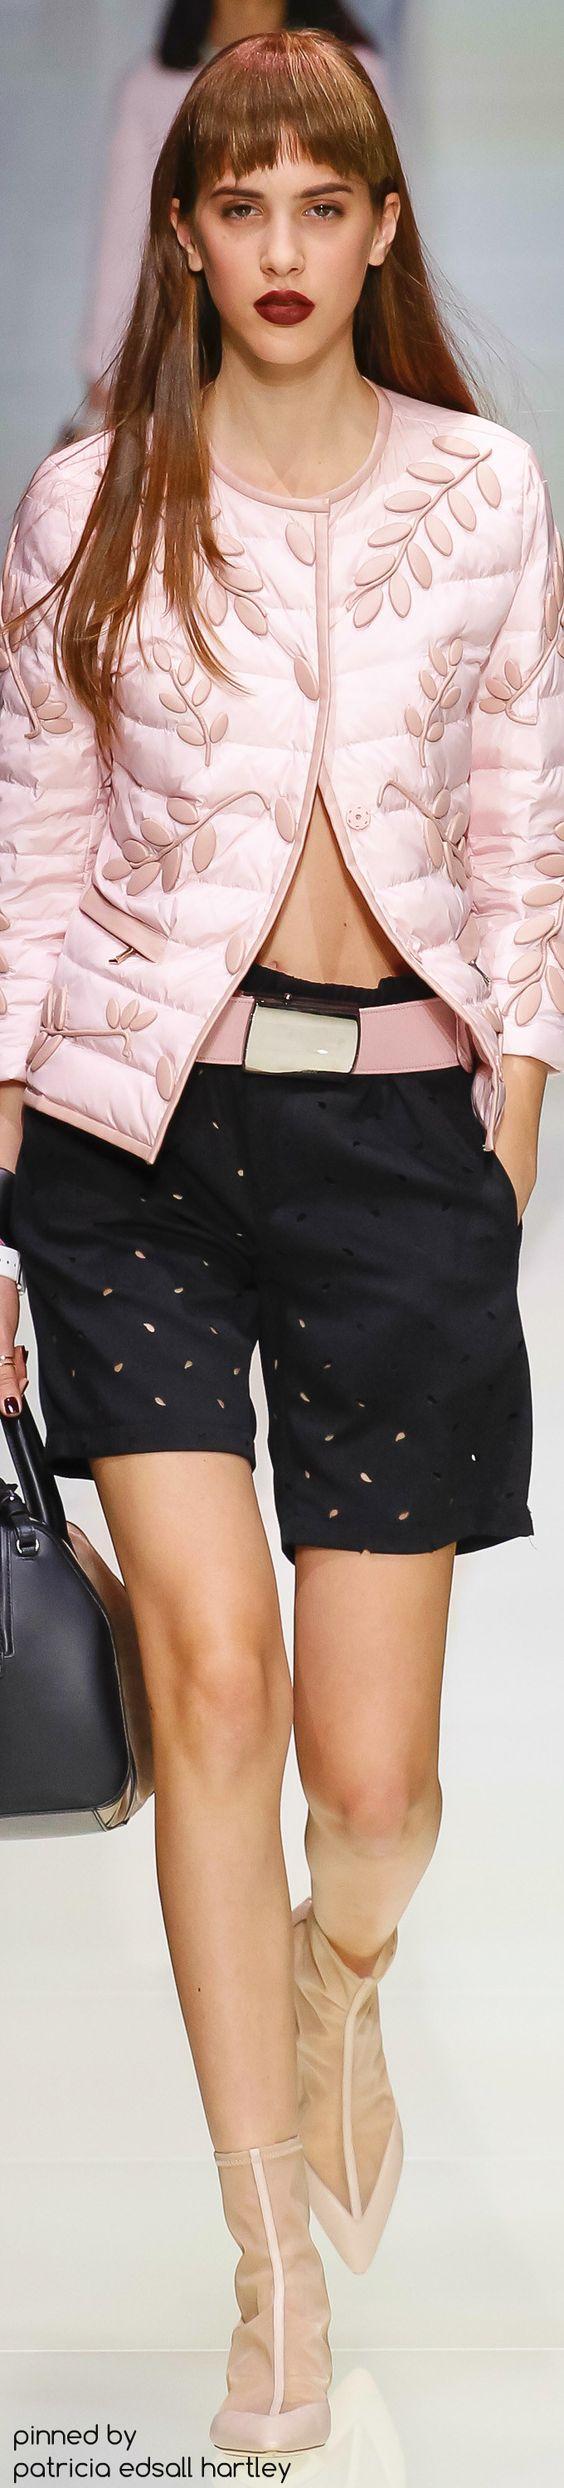 Estas peças Emporio Armani, mostram dois detalhes de inspiração na transformação do vestuário: o relevo num casaco e os corte(semelhantes a furos) no calção.